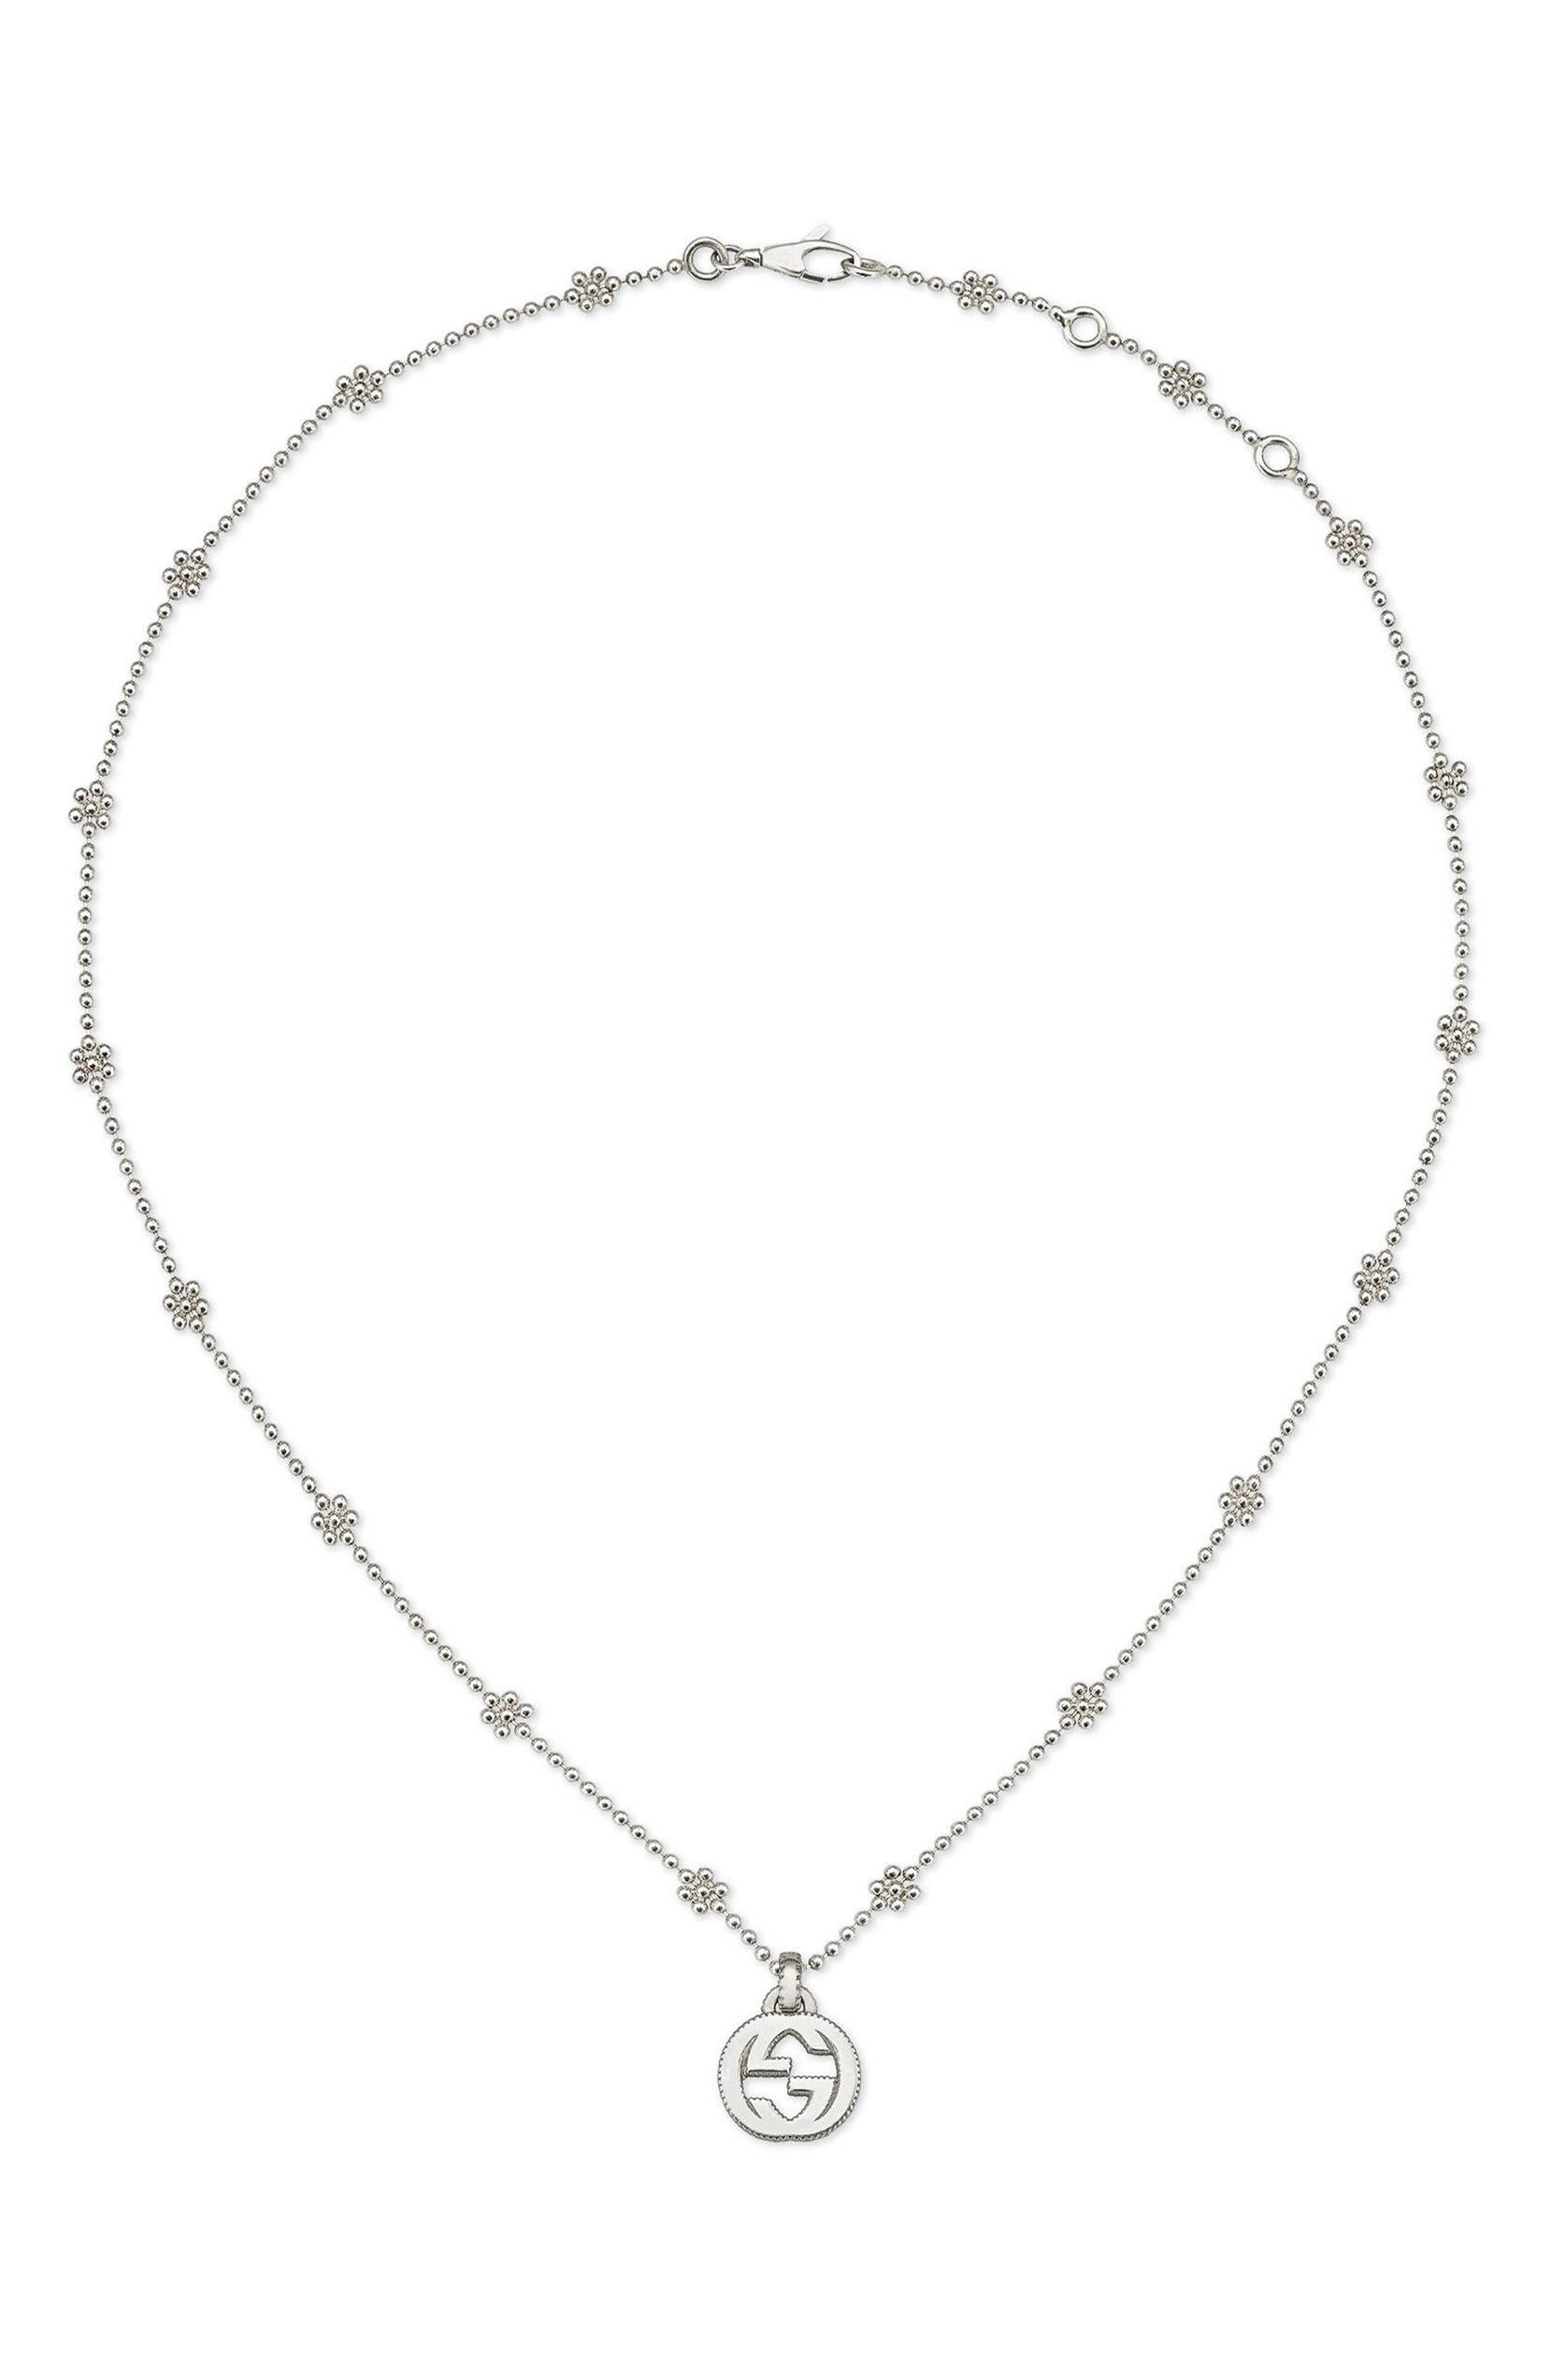 7fc66da4e79299 Gucci Silver Interlocking-G Pendant Necklace | Nordstrom